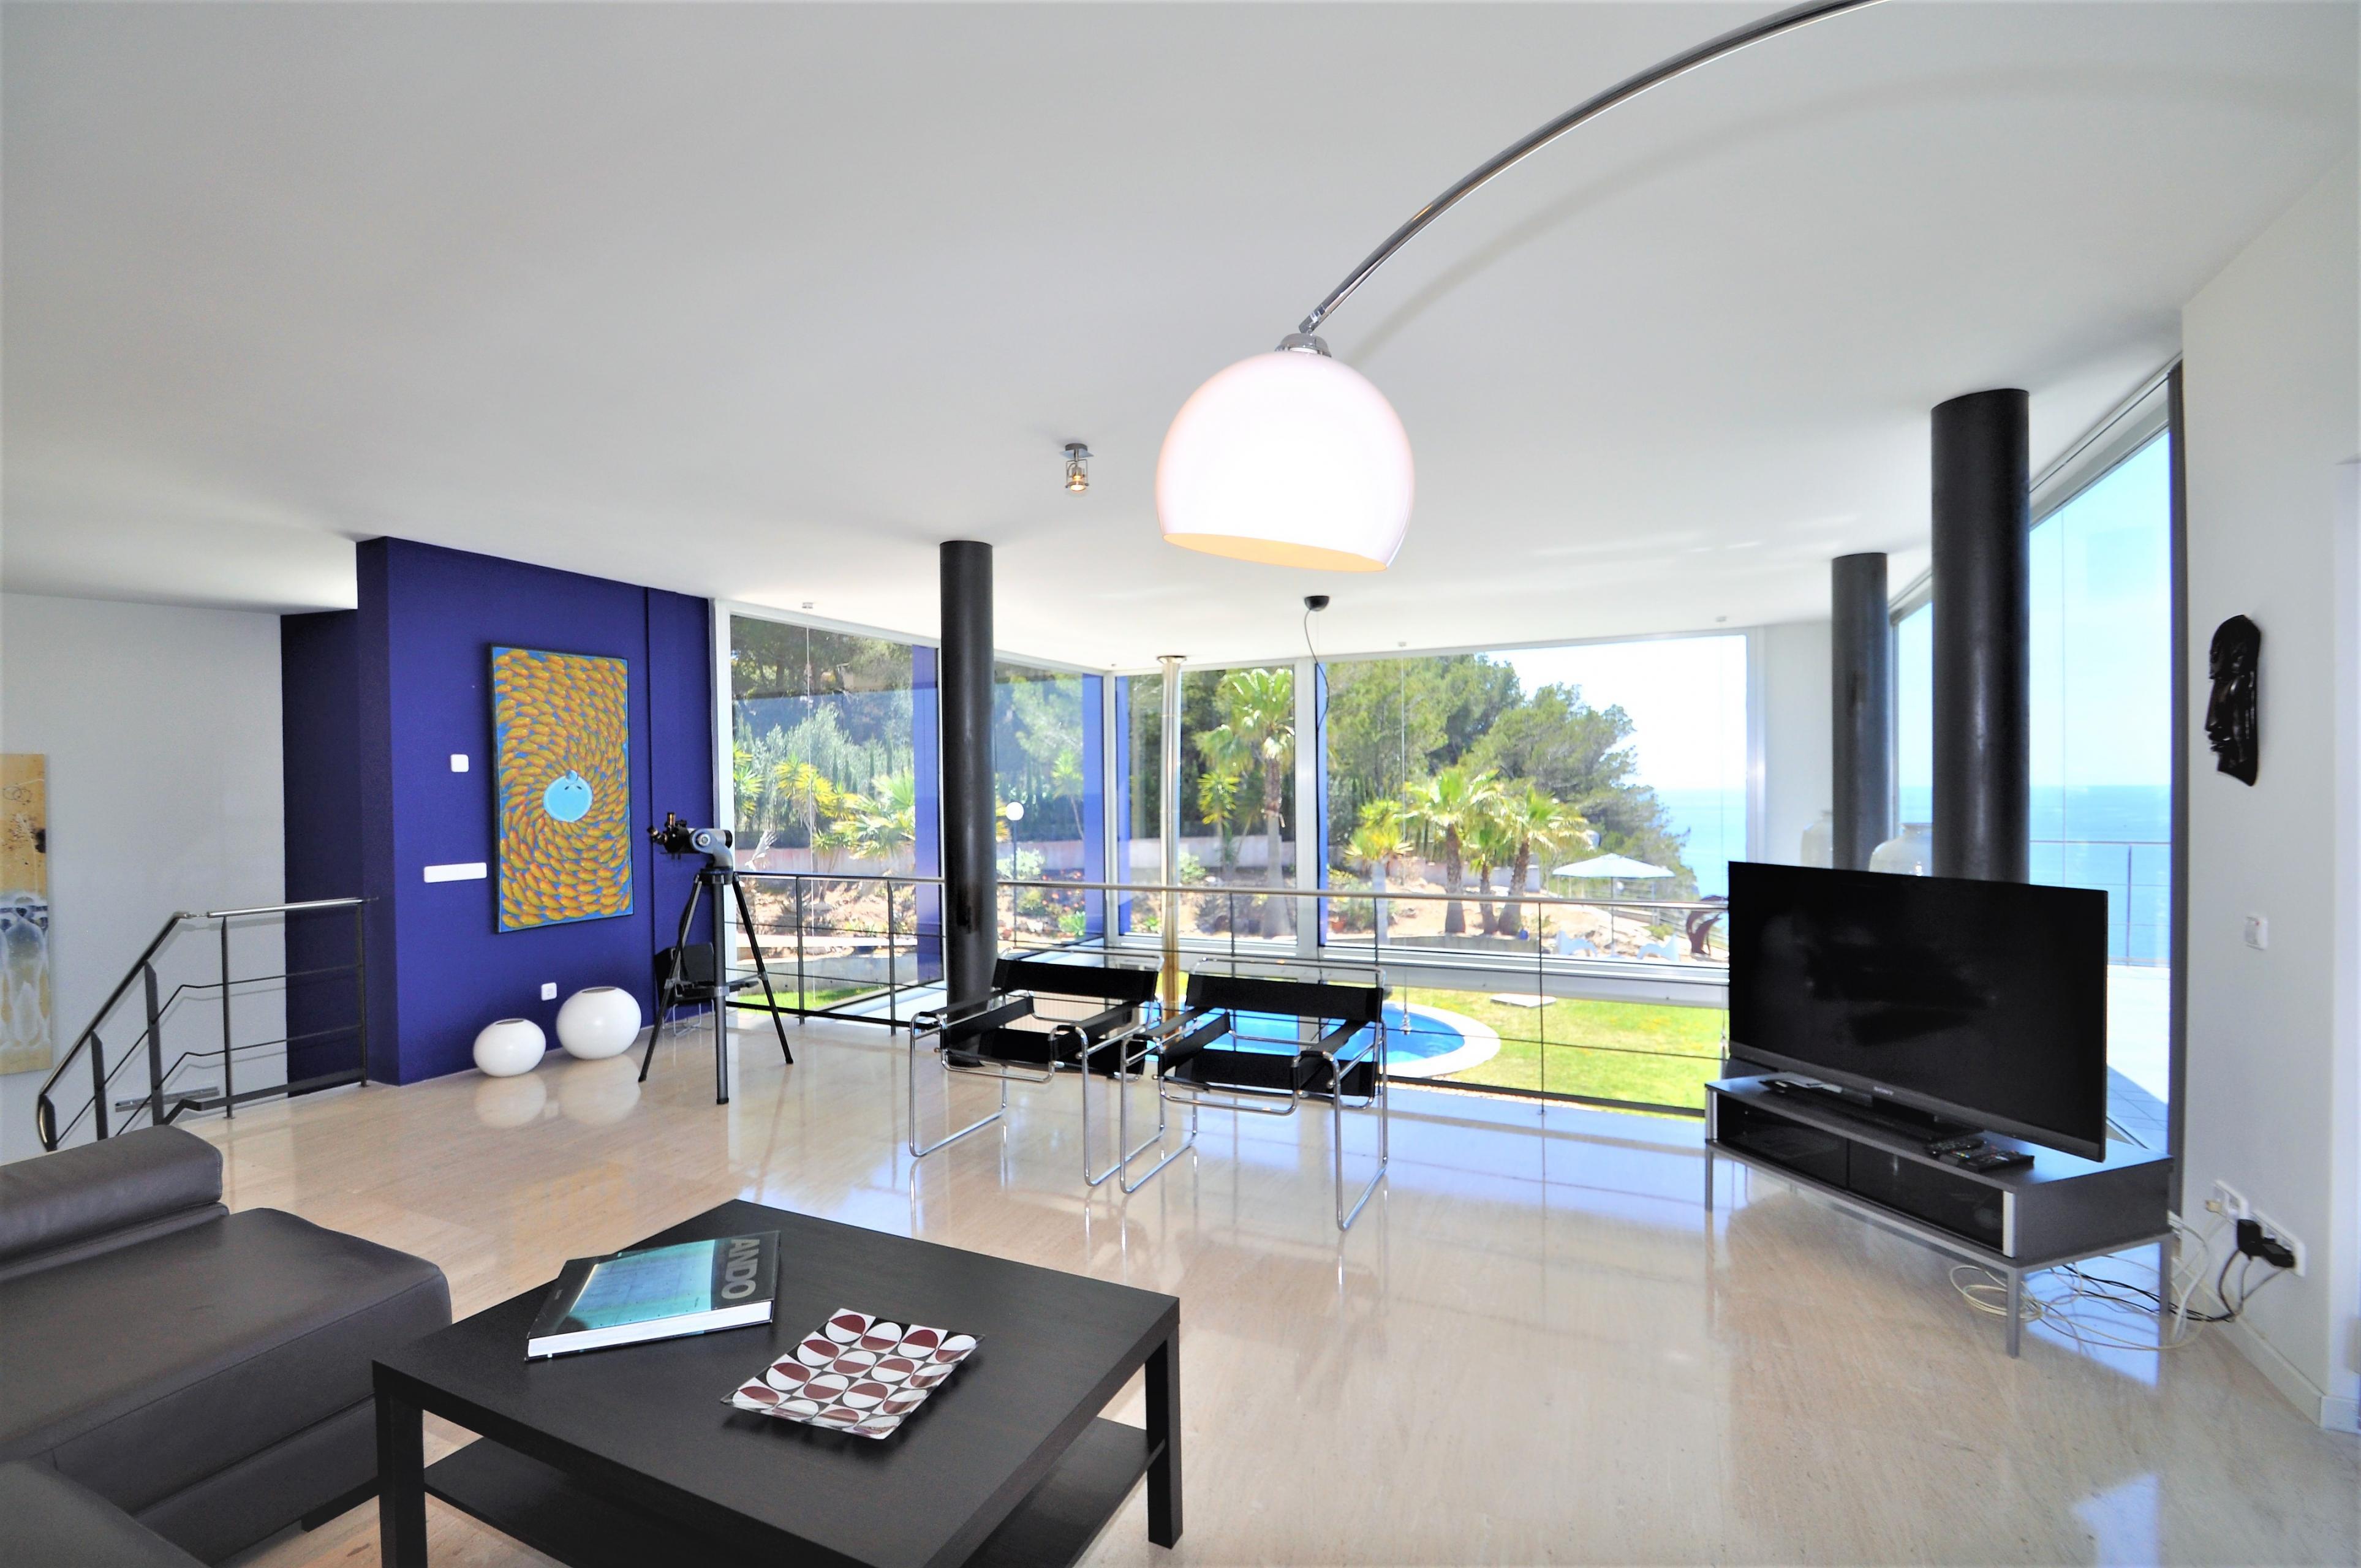 Maison de vacances VILLA BAY BLUE- Bahia Azul- Mallorca - VILLAONLINE - Kostenloses WLAN (2684052), Bahia Azul, Majorque, Iles Baléares, Espagne, image 38